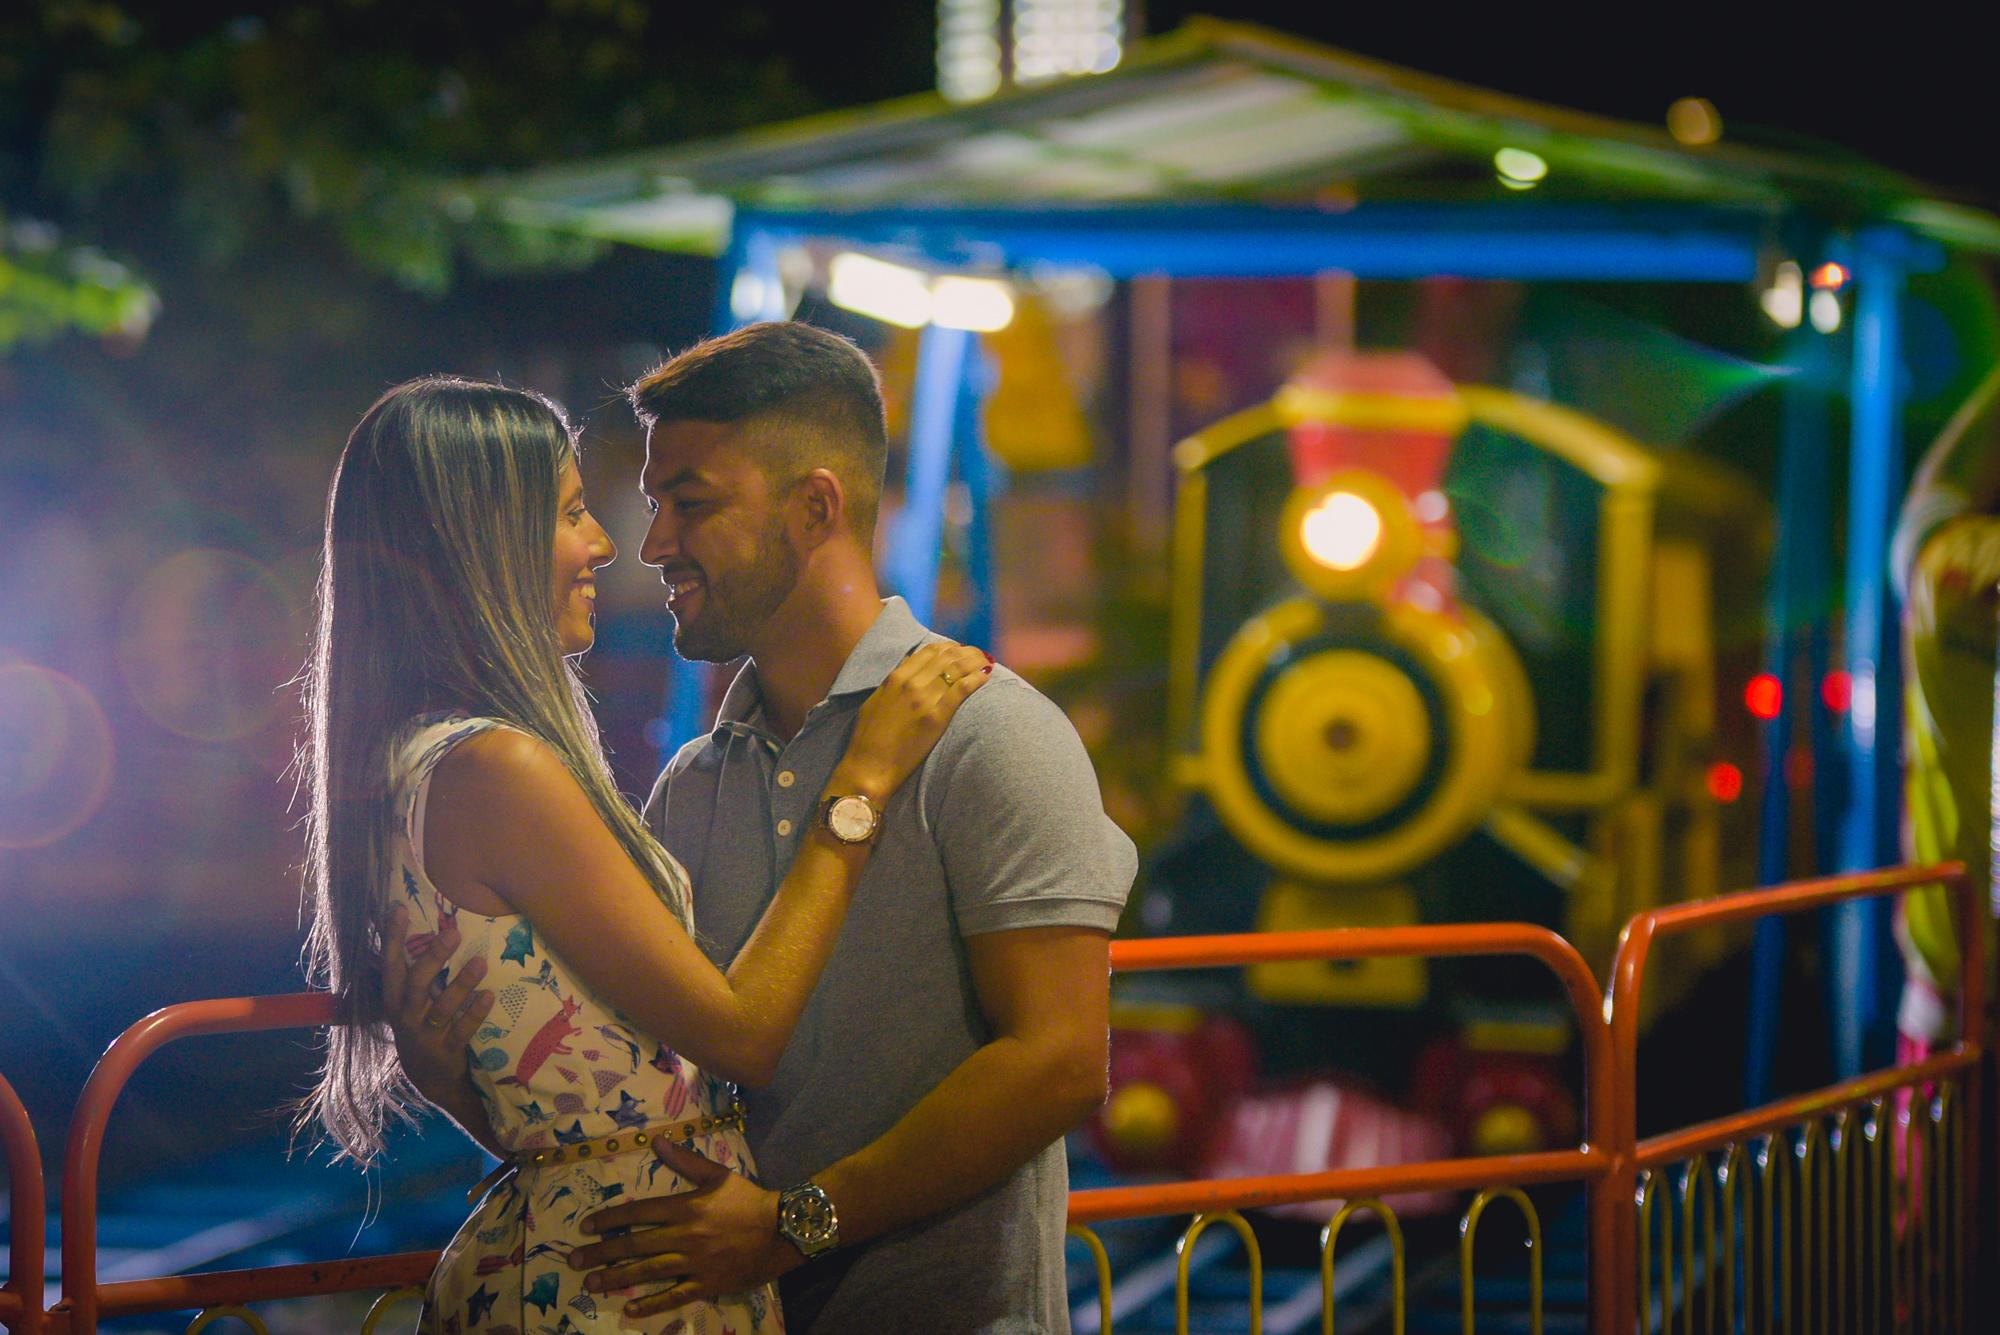 fotografo de casamento no Rio de janeiro (38)